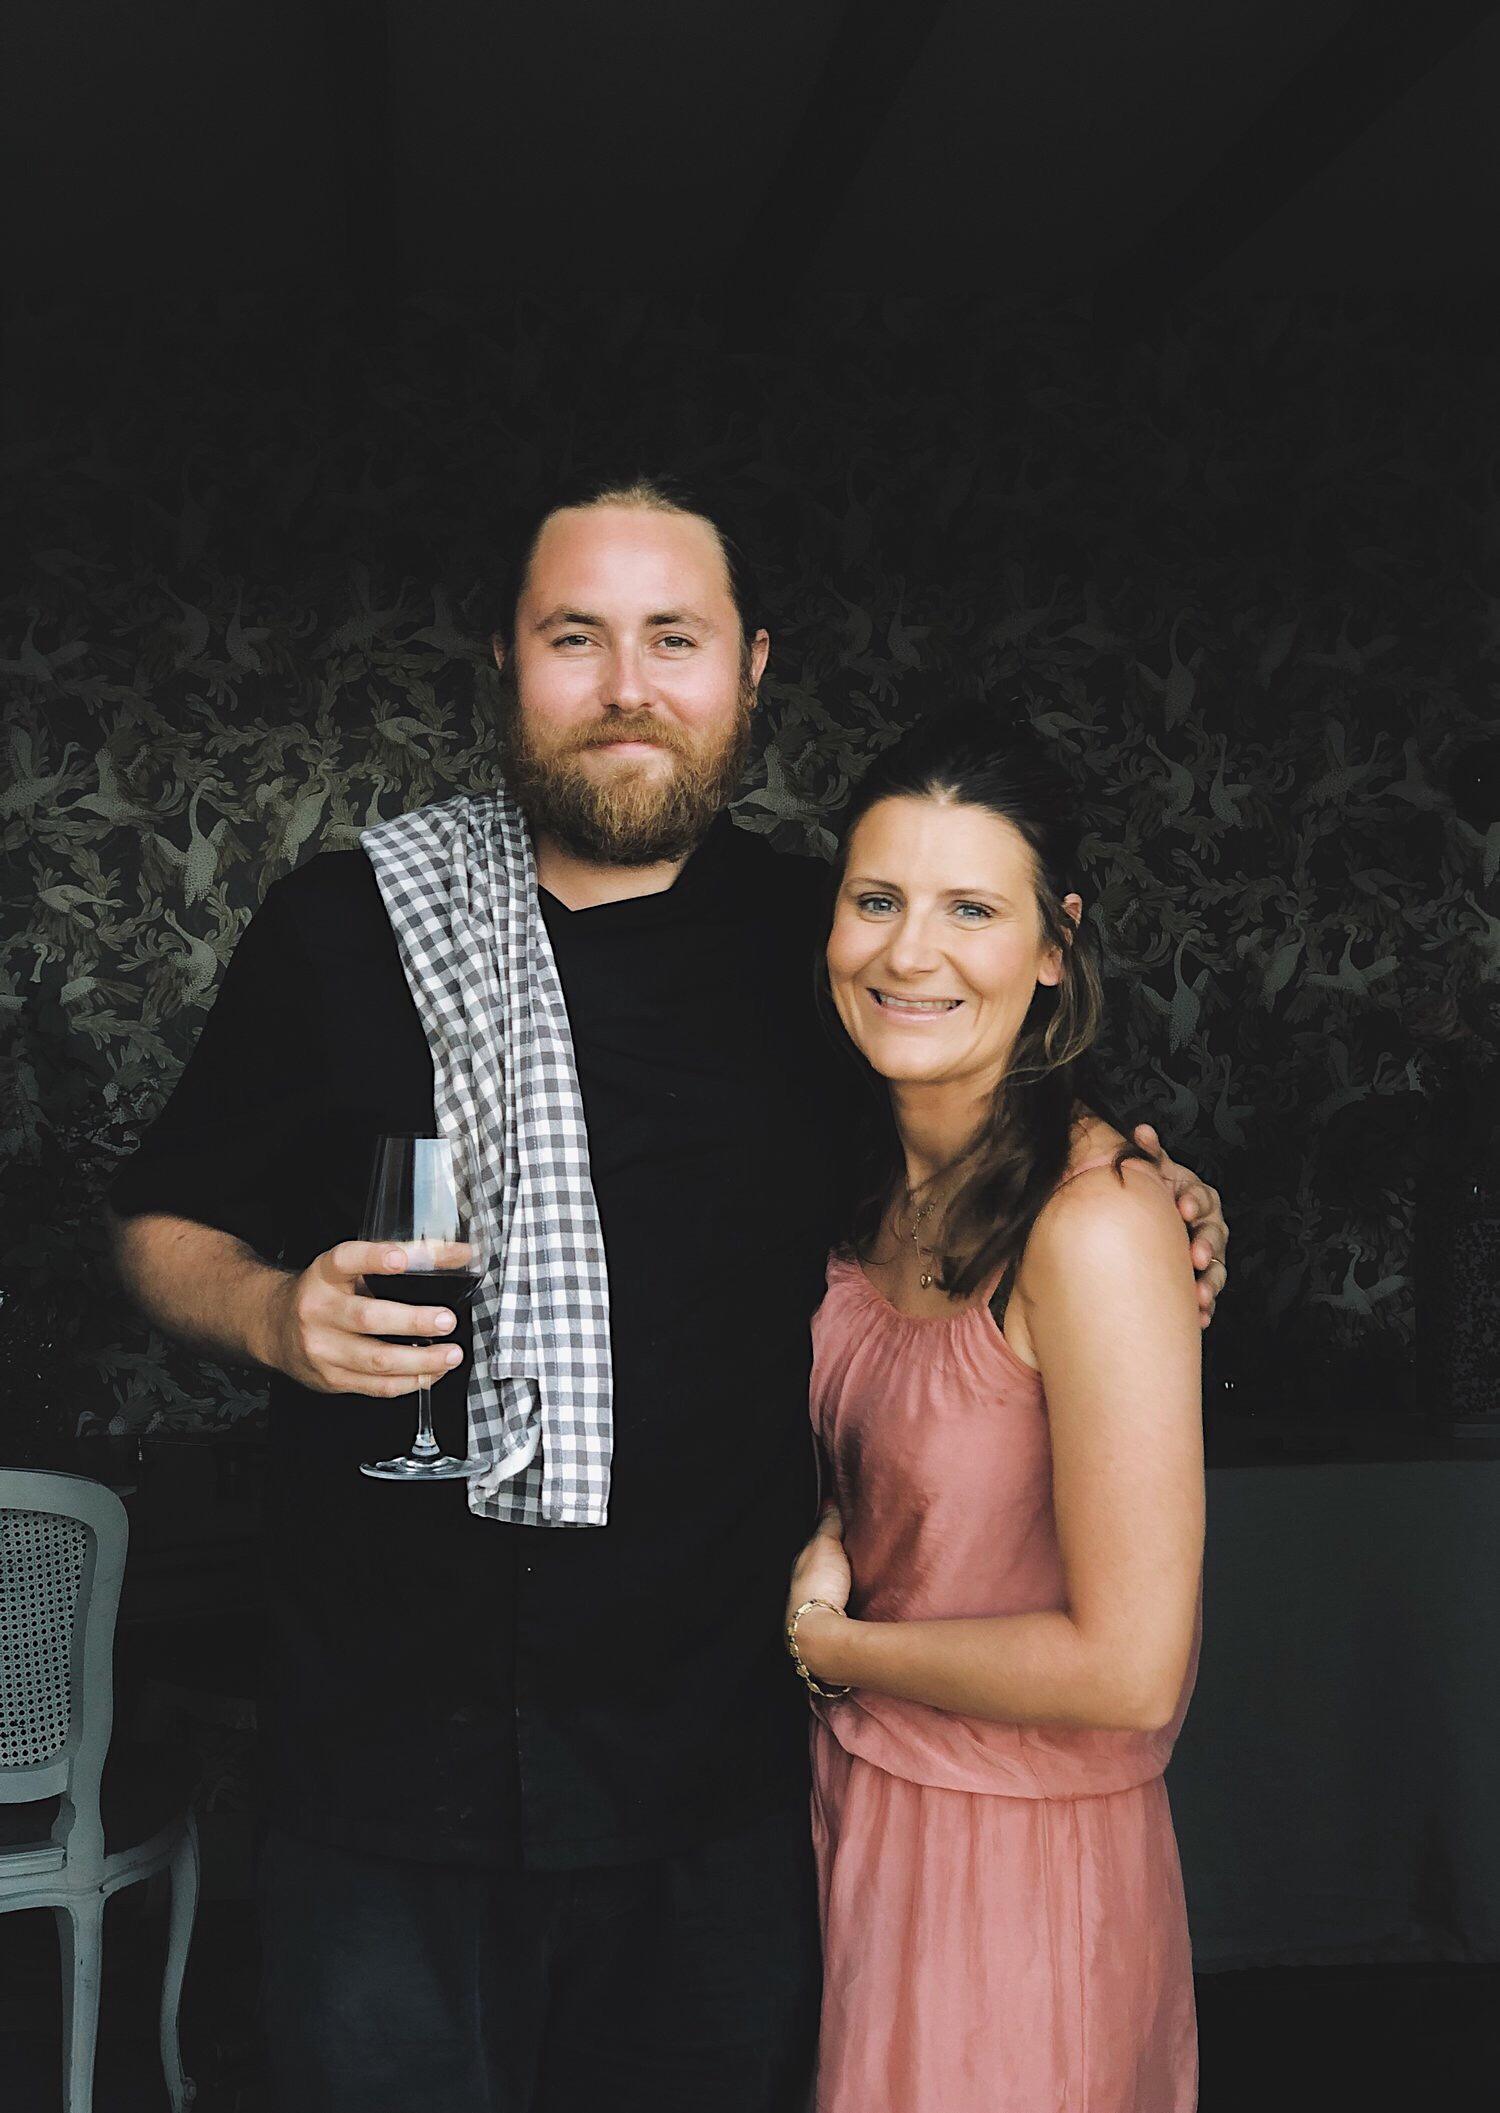 Inredningspodden möter Lisa och Niclas på Villa Juli